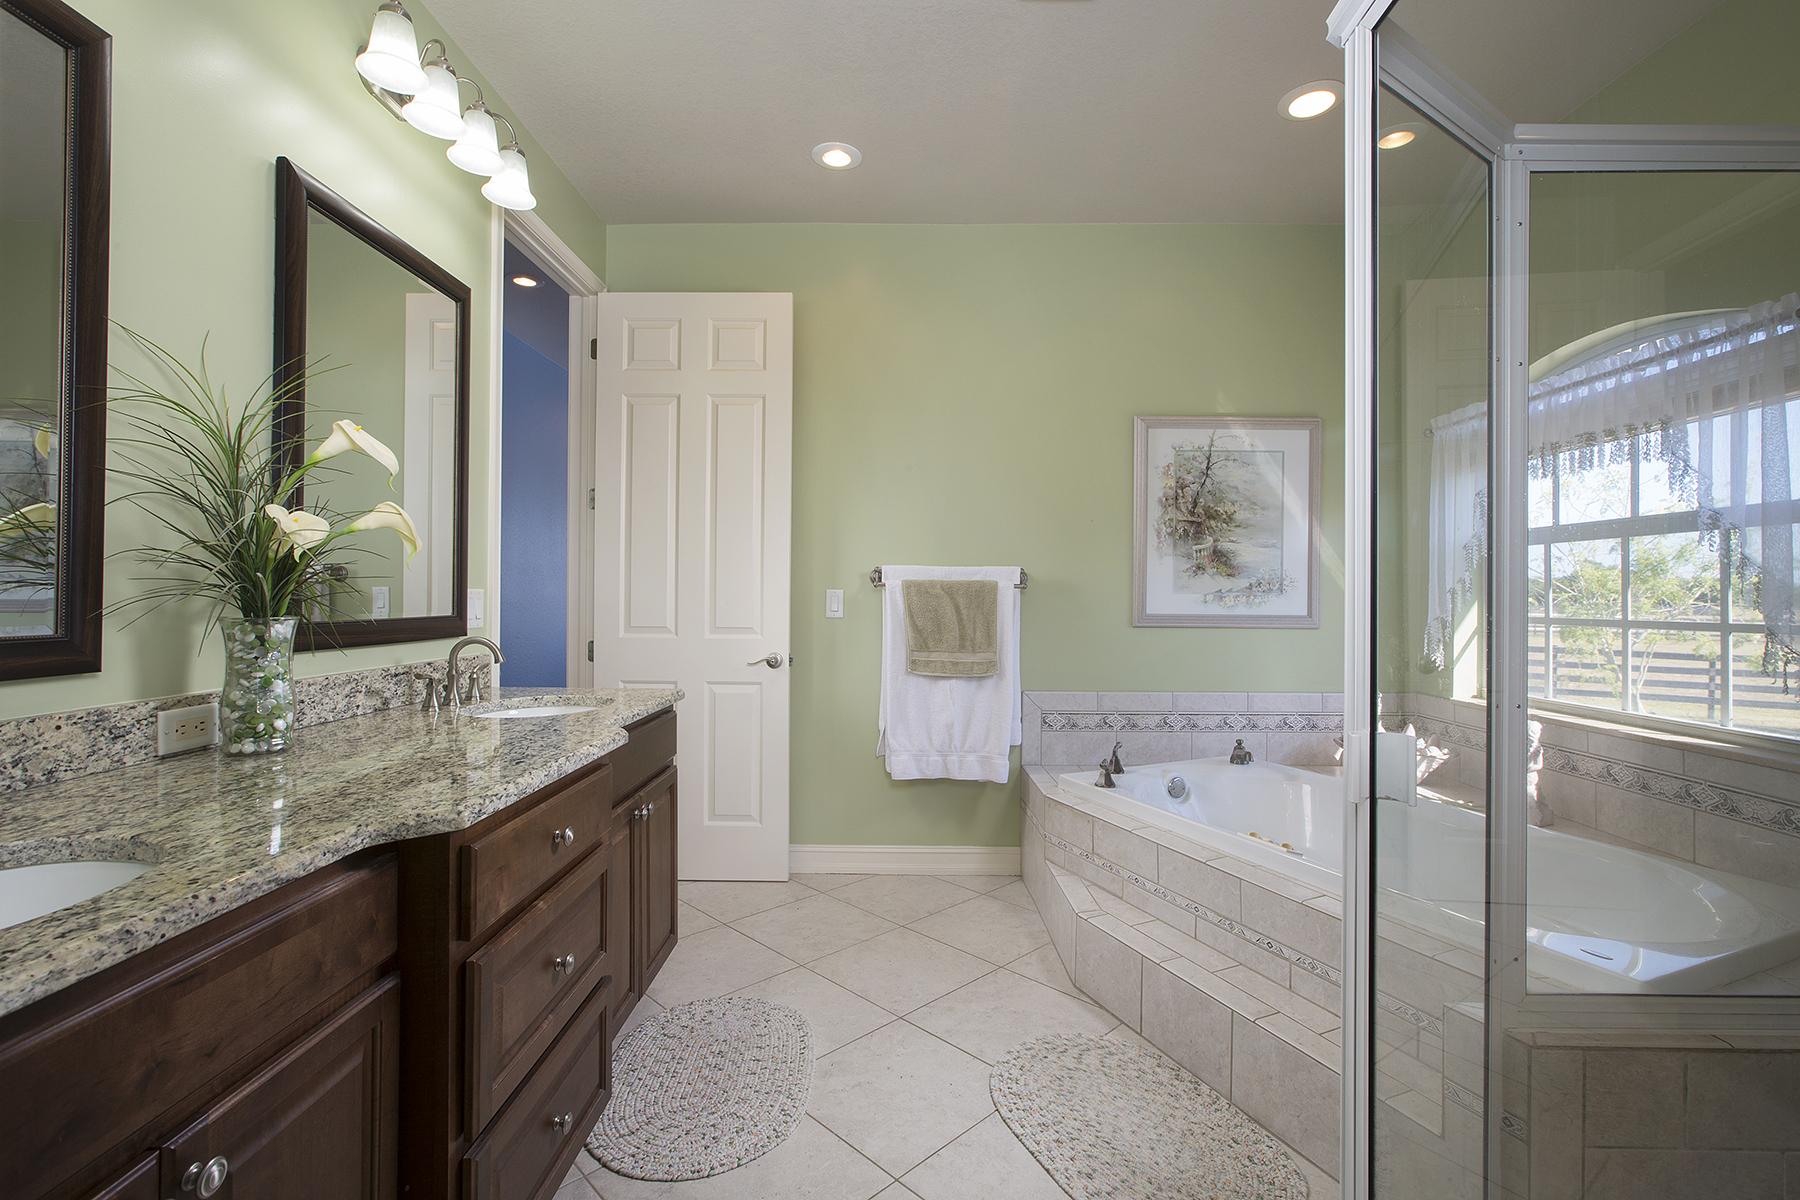 Einfamilienhaus für Verkauf beim FT. MYERS 10581 Deal Rd North Fort Myers, Florida, 33917 Vereinigte Staaten